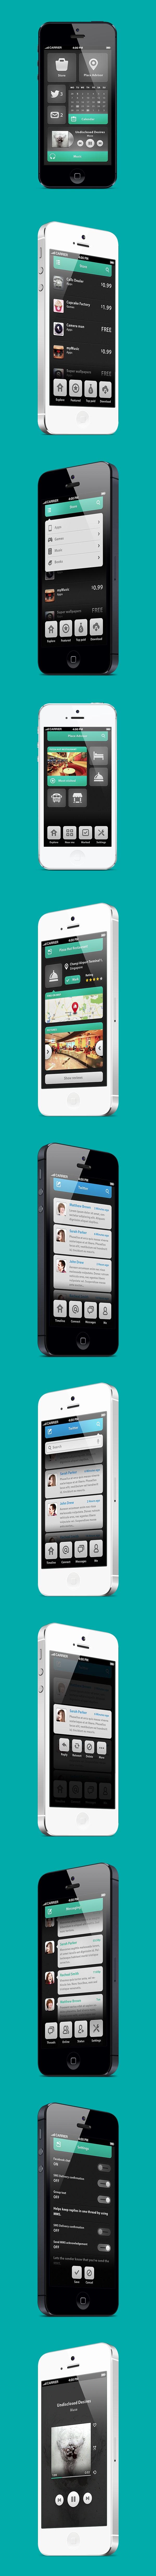 Phone UI Retina #UI